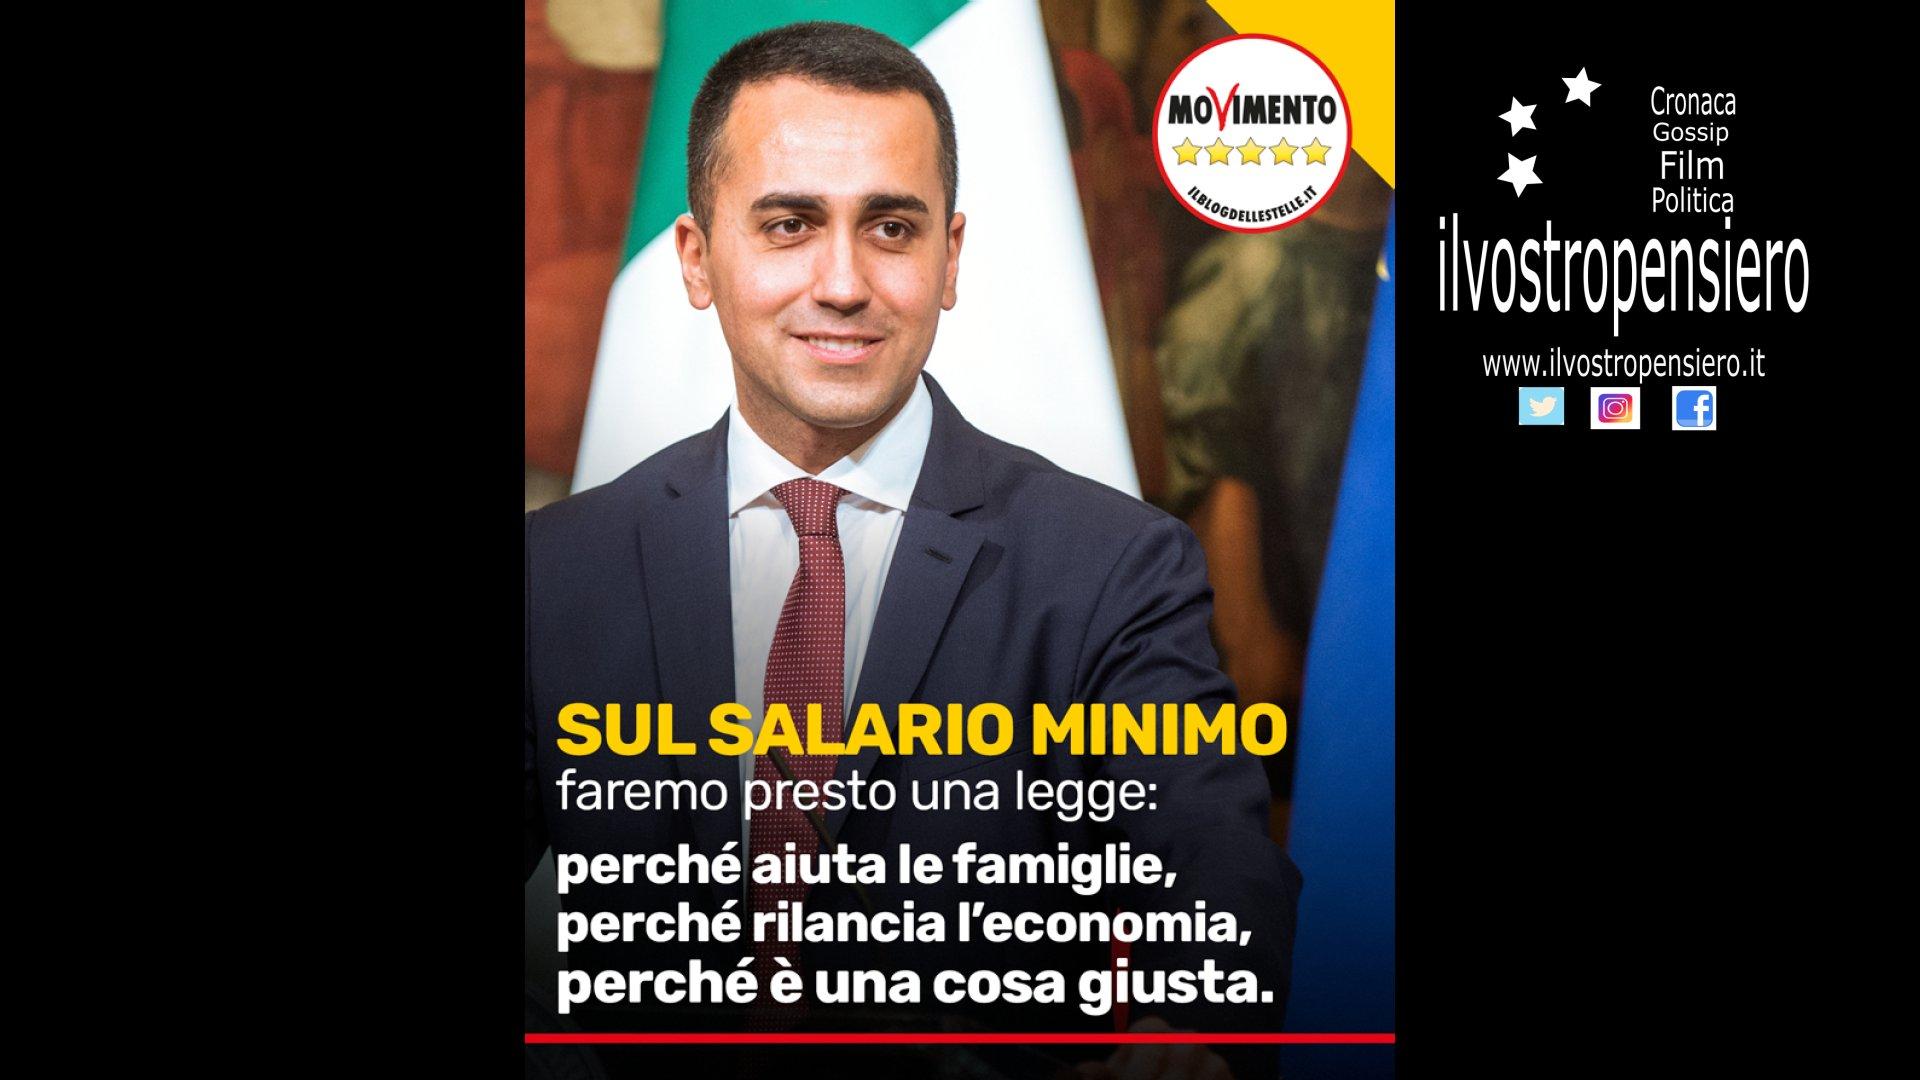 Movimento 5 Stelle: Salario Minimo è una battaglia che porteremo avanti.